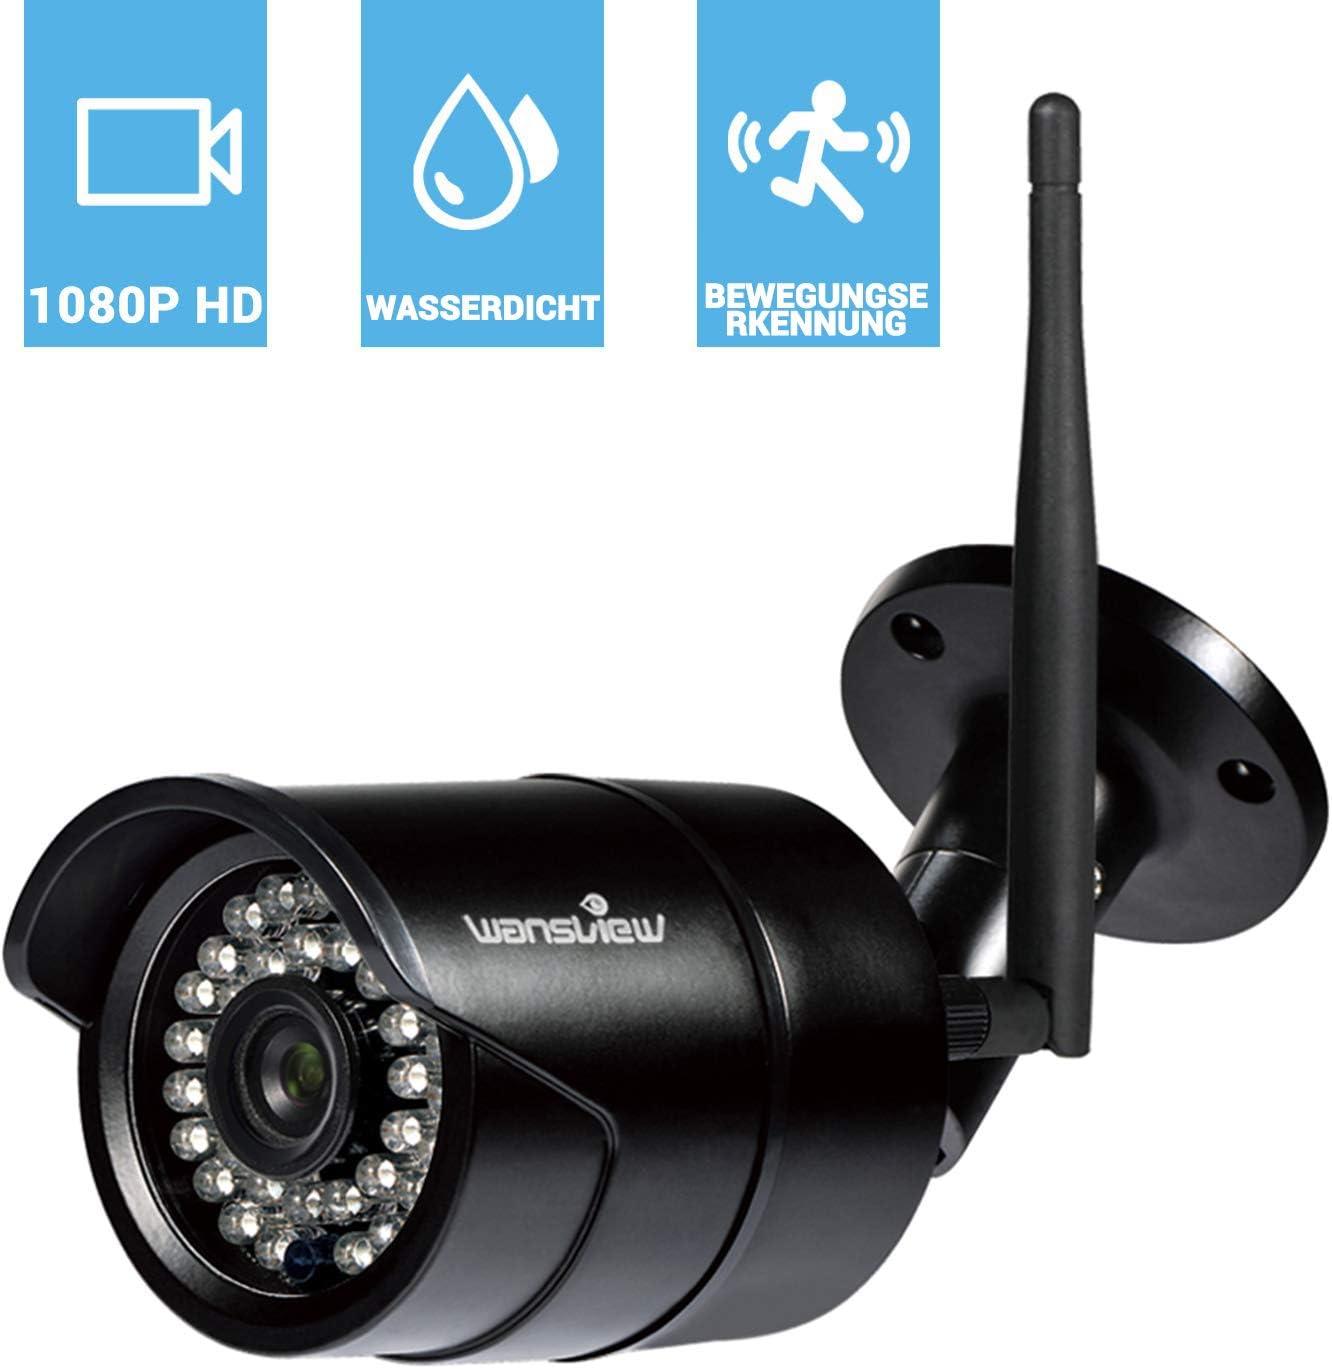 Wansview Wlan Ip Kamera Sicherheitskamera 1080p Hd Für Kamera